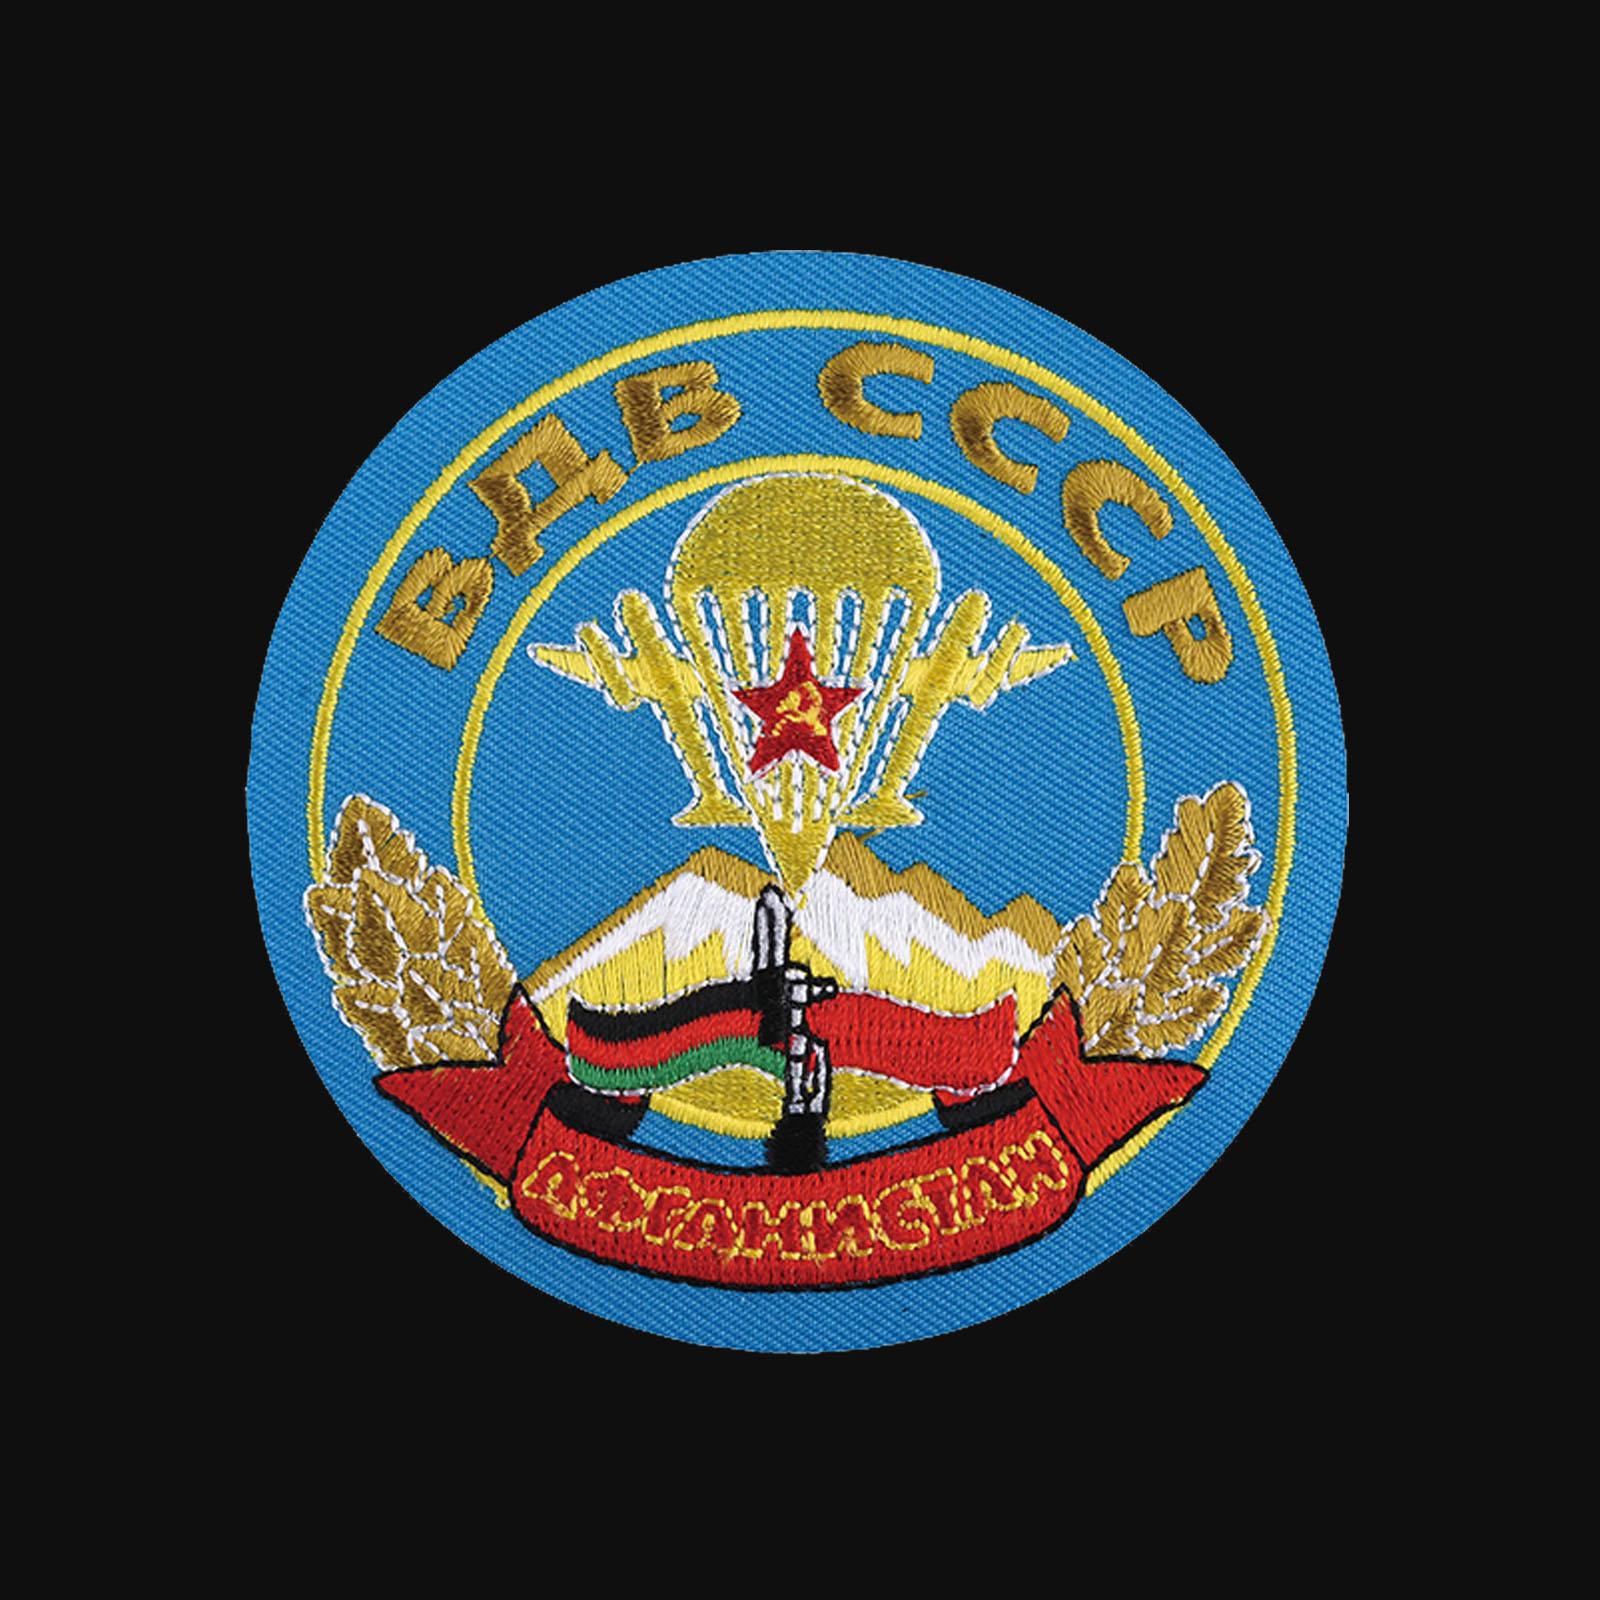 Десантная толстовка с шевроном ВДВ СССР, Афганистан